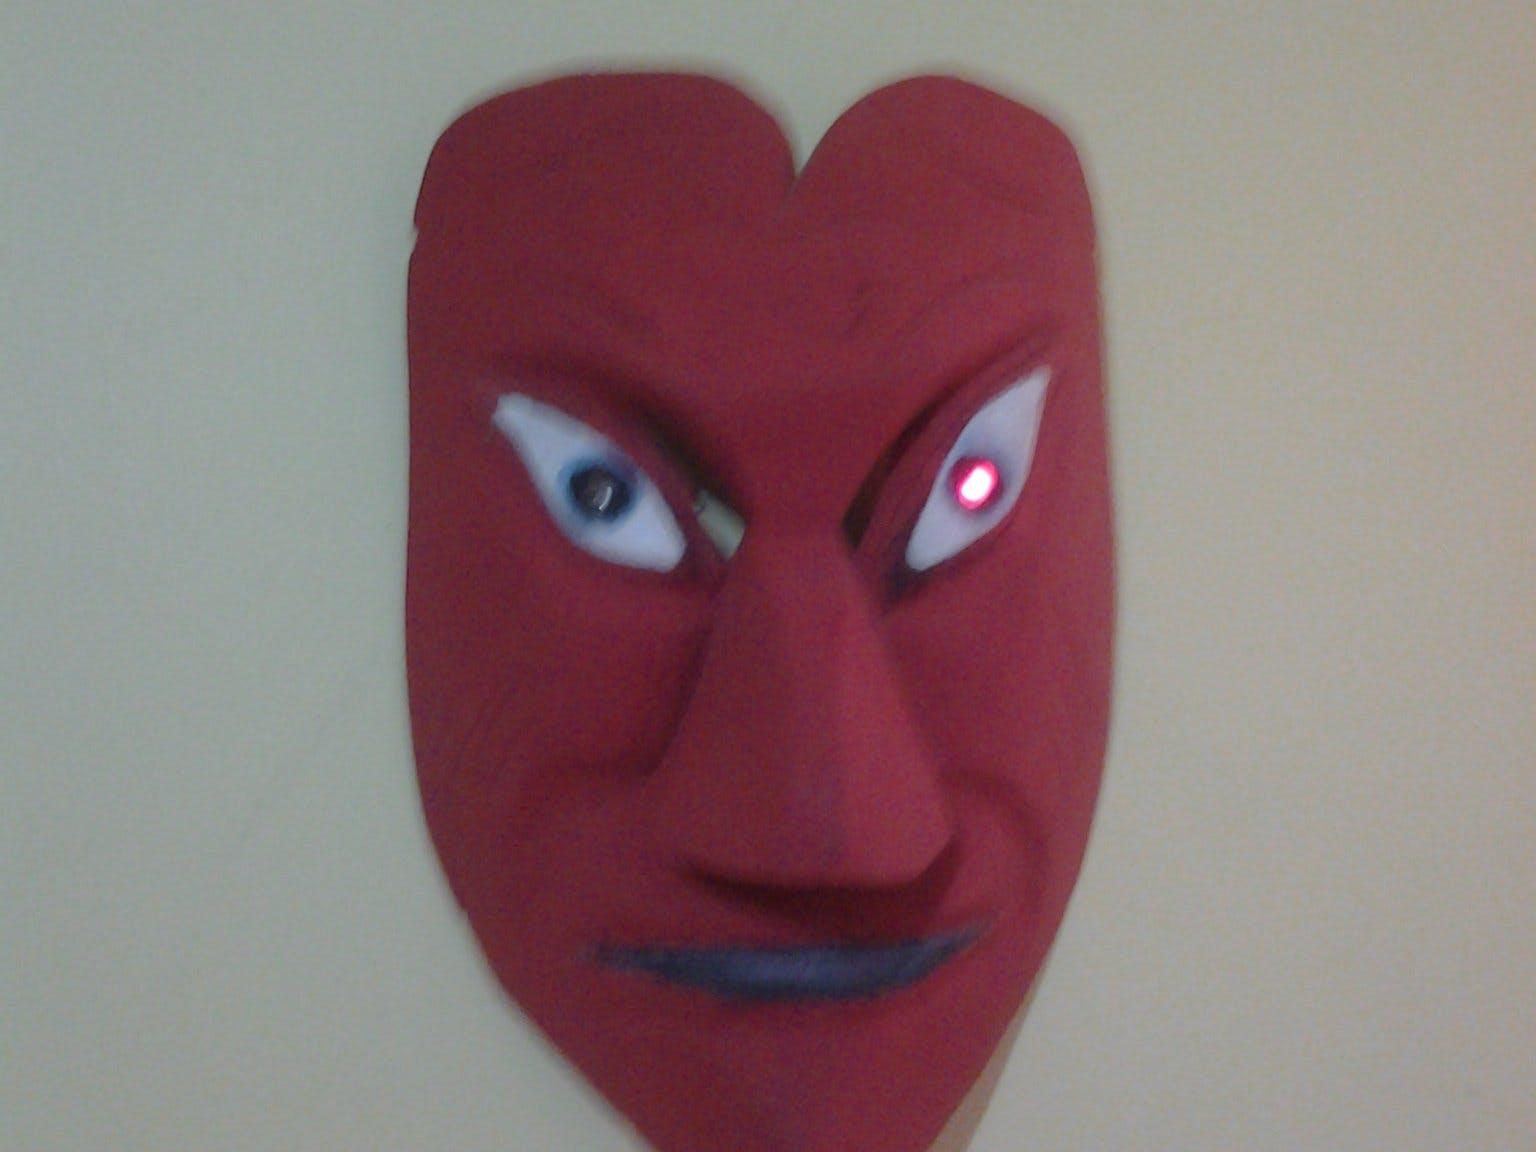 Mask with Blinking Eye